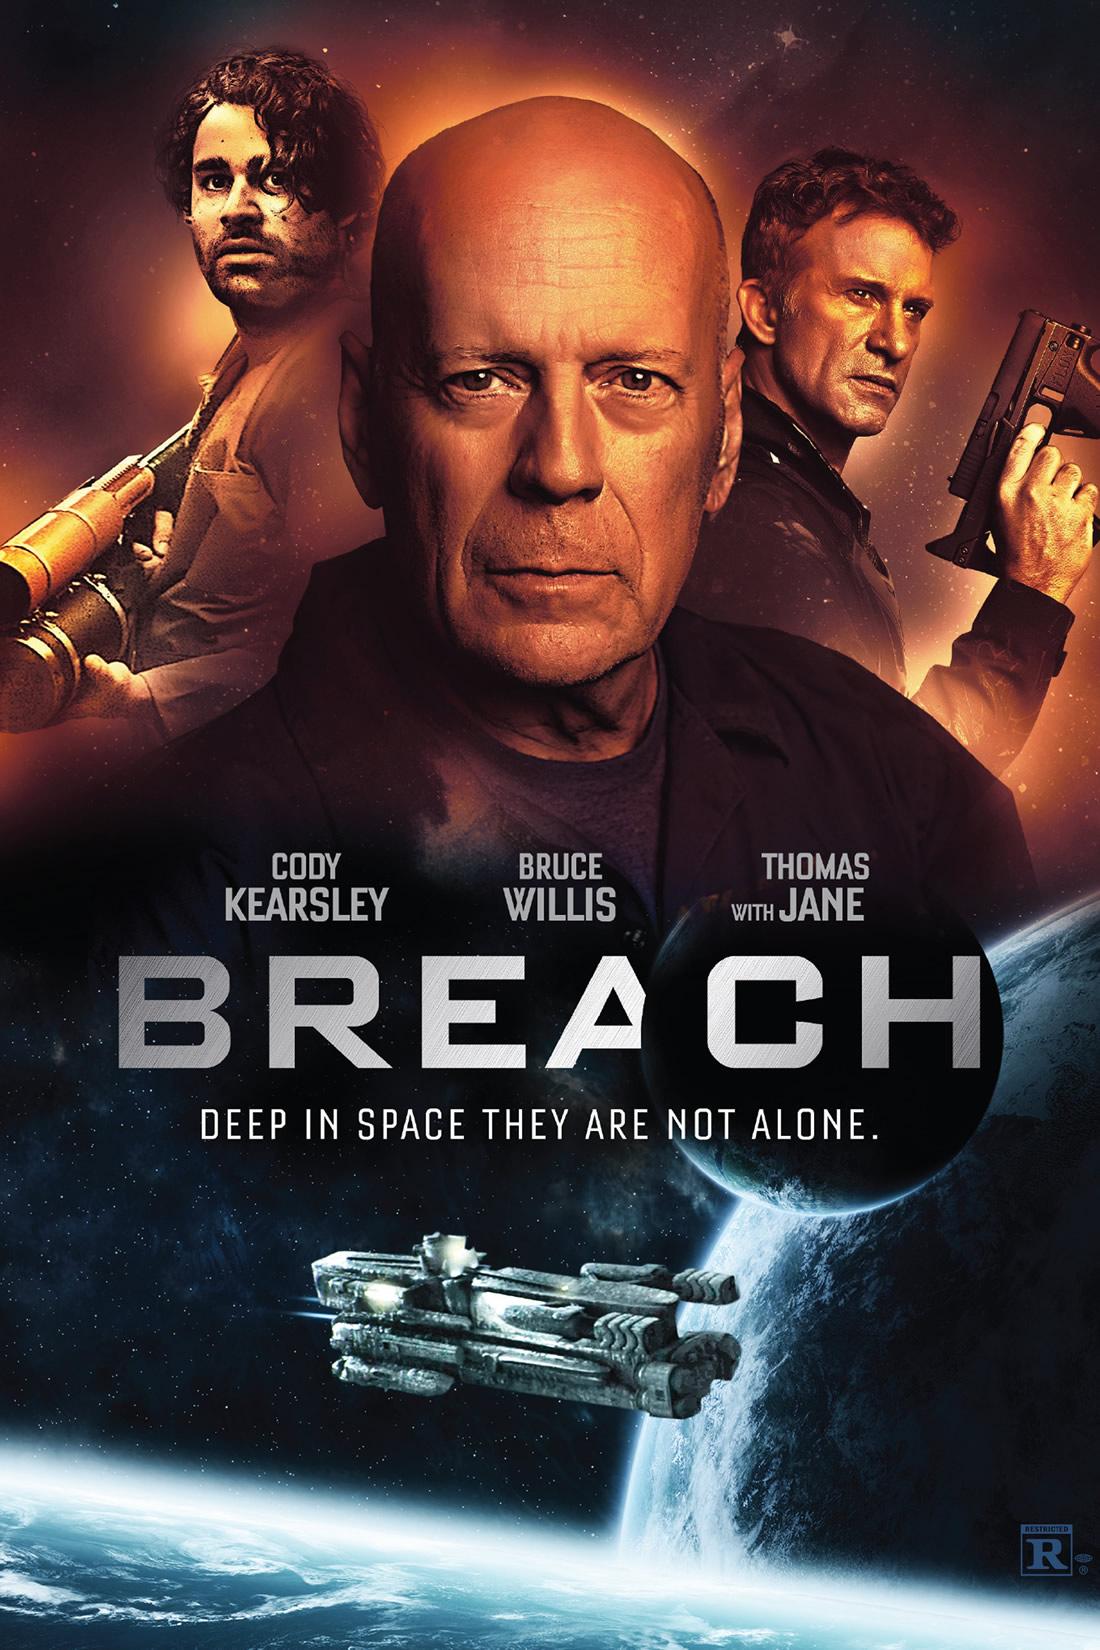 breach filme de ficcao cientifica com bruce willis e rachel nichols - Breach | Filme de ficção científica com Bruce Willis e Rachel Nichols